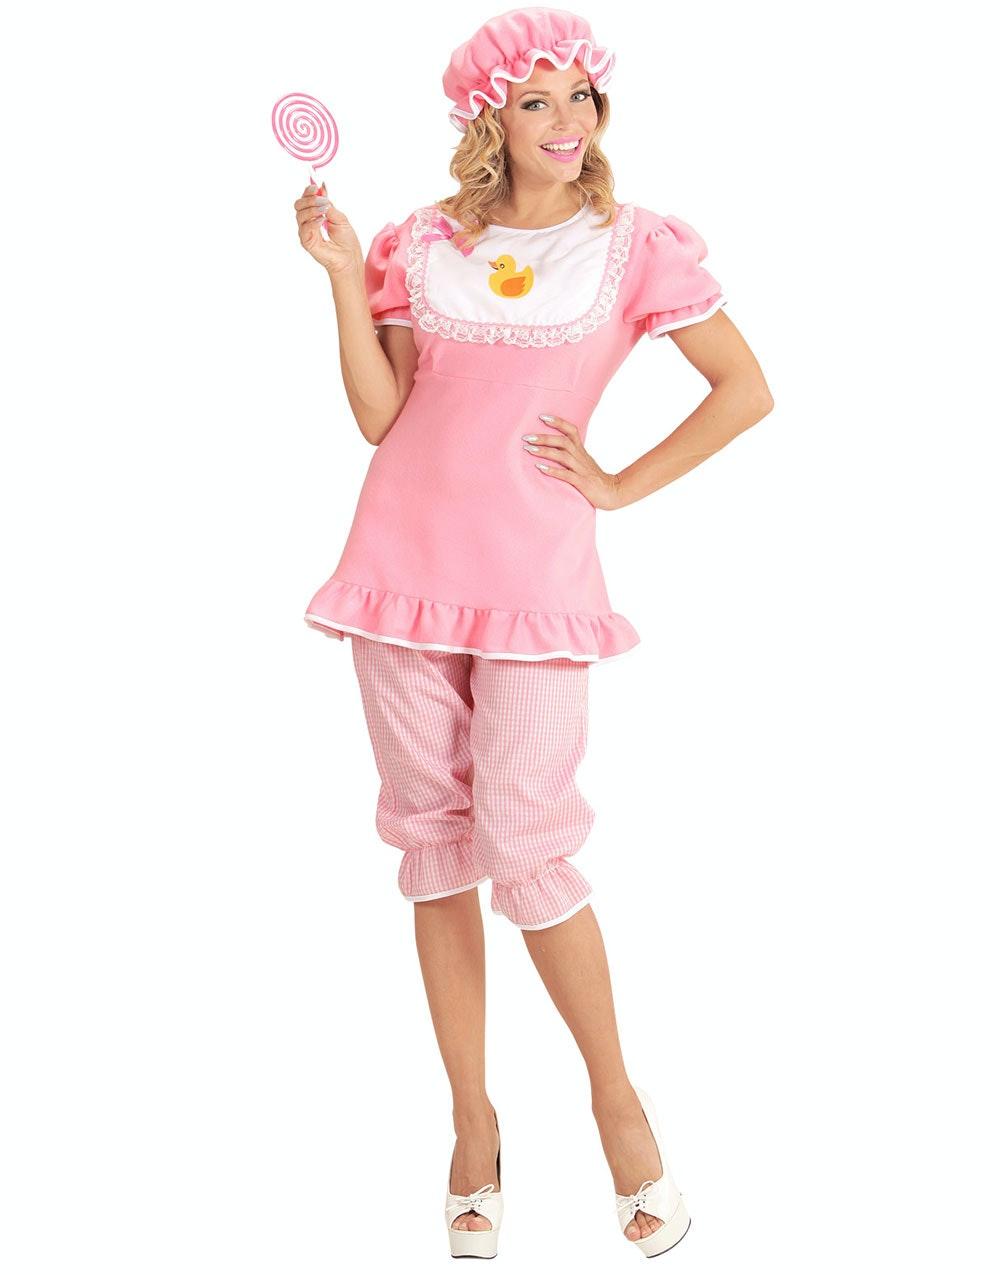 par søker kvinne skolepike kostyme